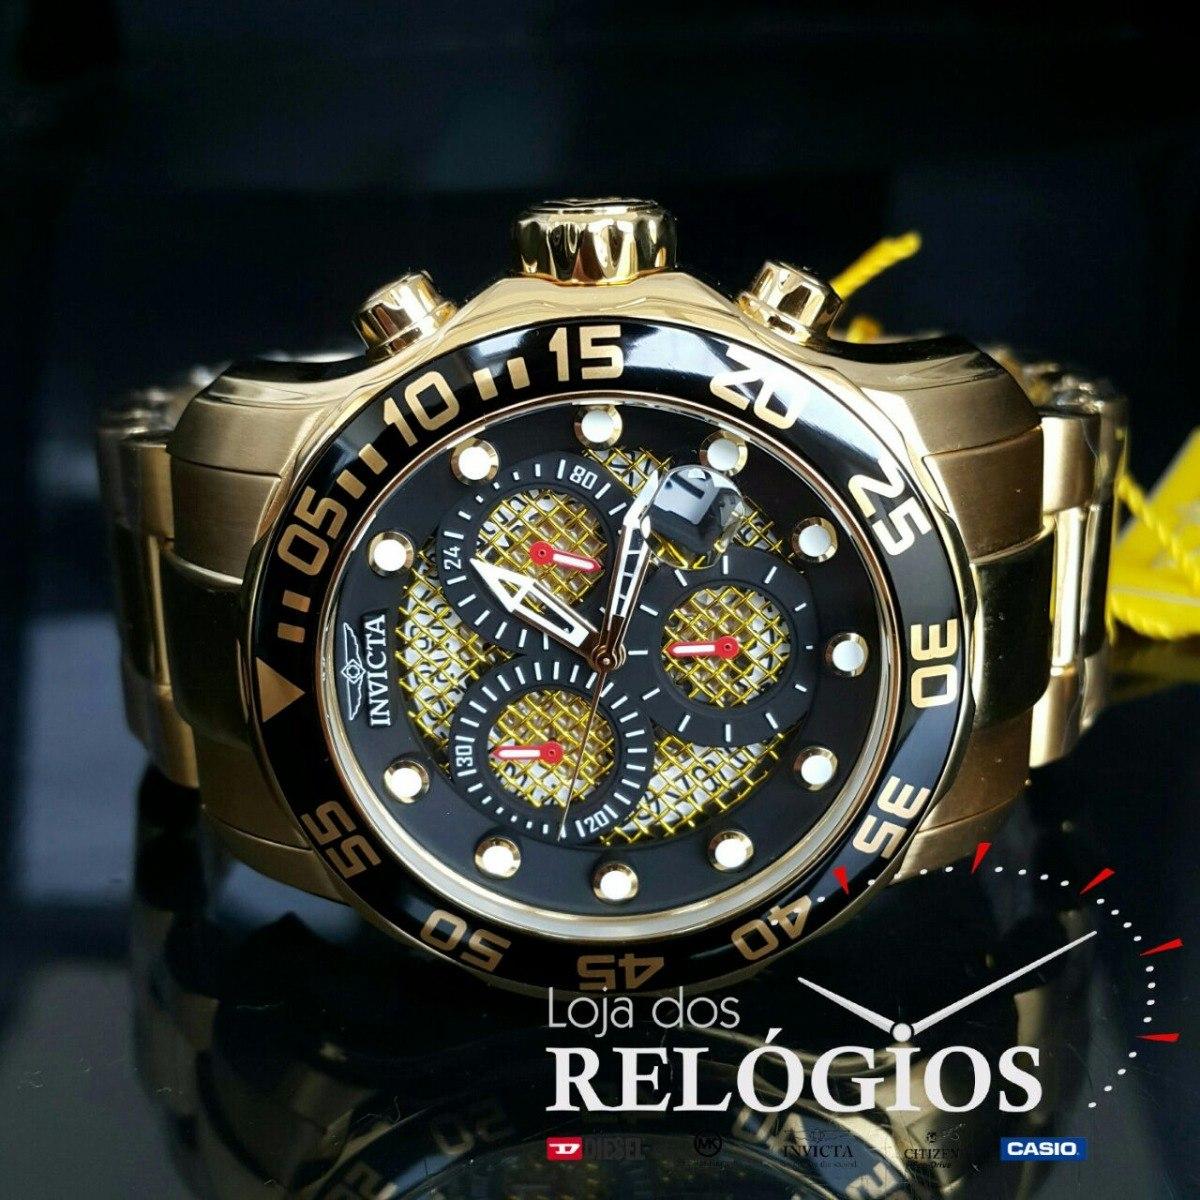 d8b572e68ad relógio invicta pro diver 19837 dourado 18k. Carregando zoom.